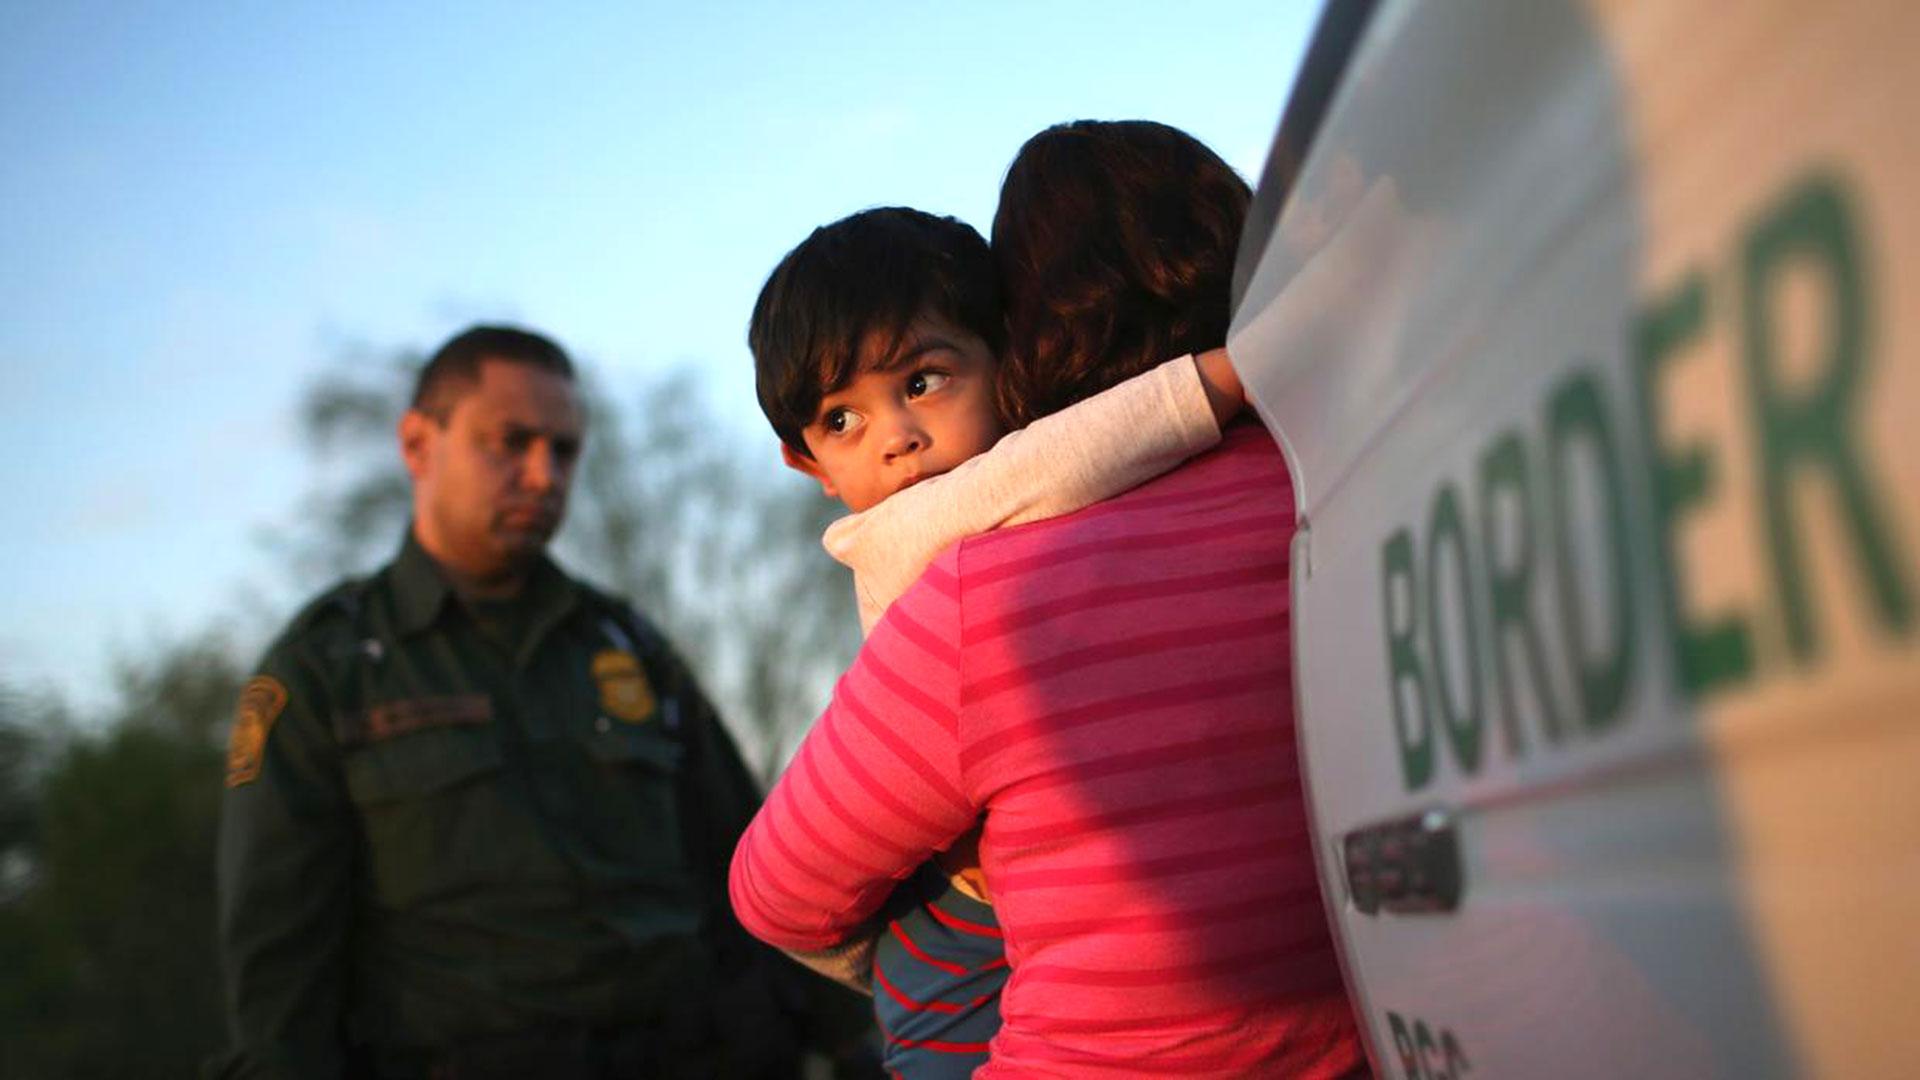 La separación de niños migrantes de sus familias generó un fuerte debate en EEUU.